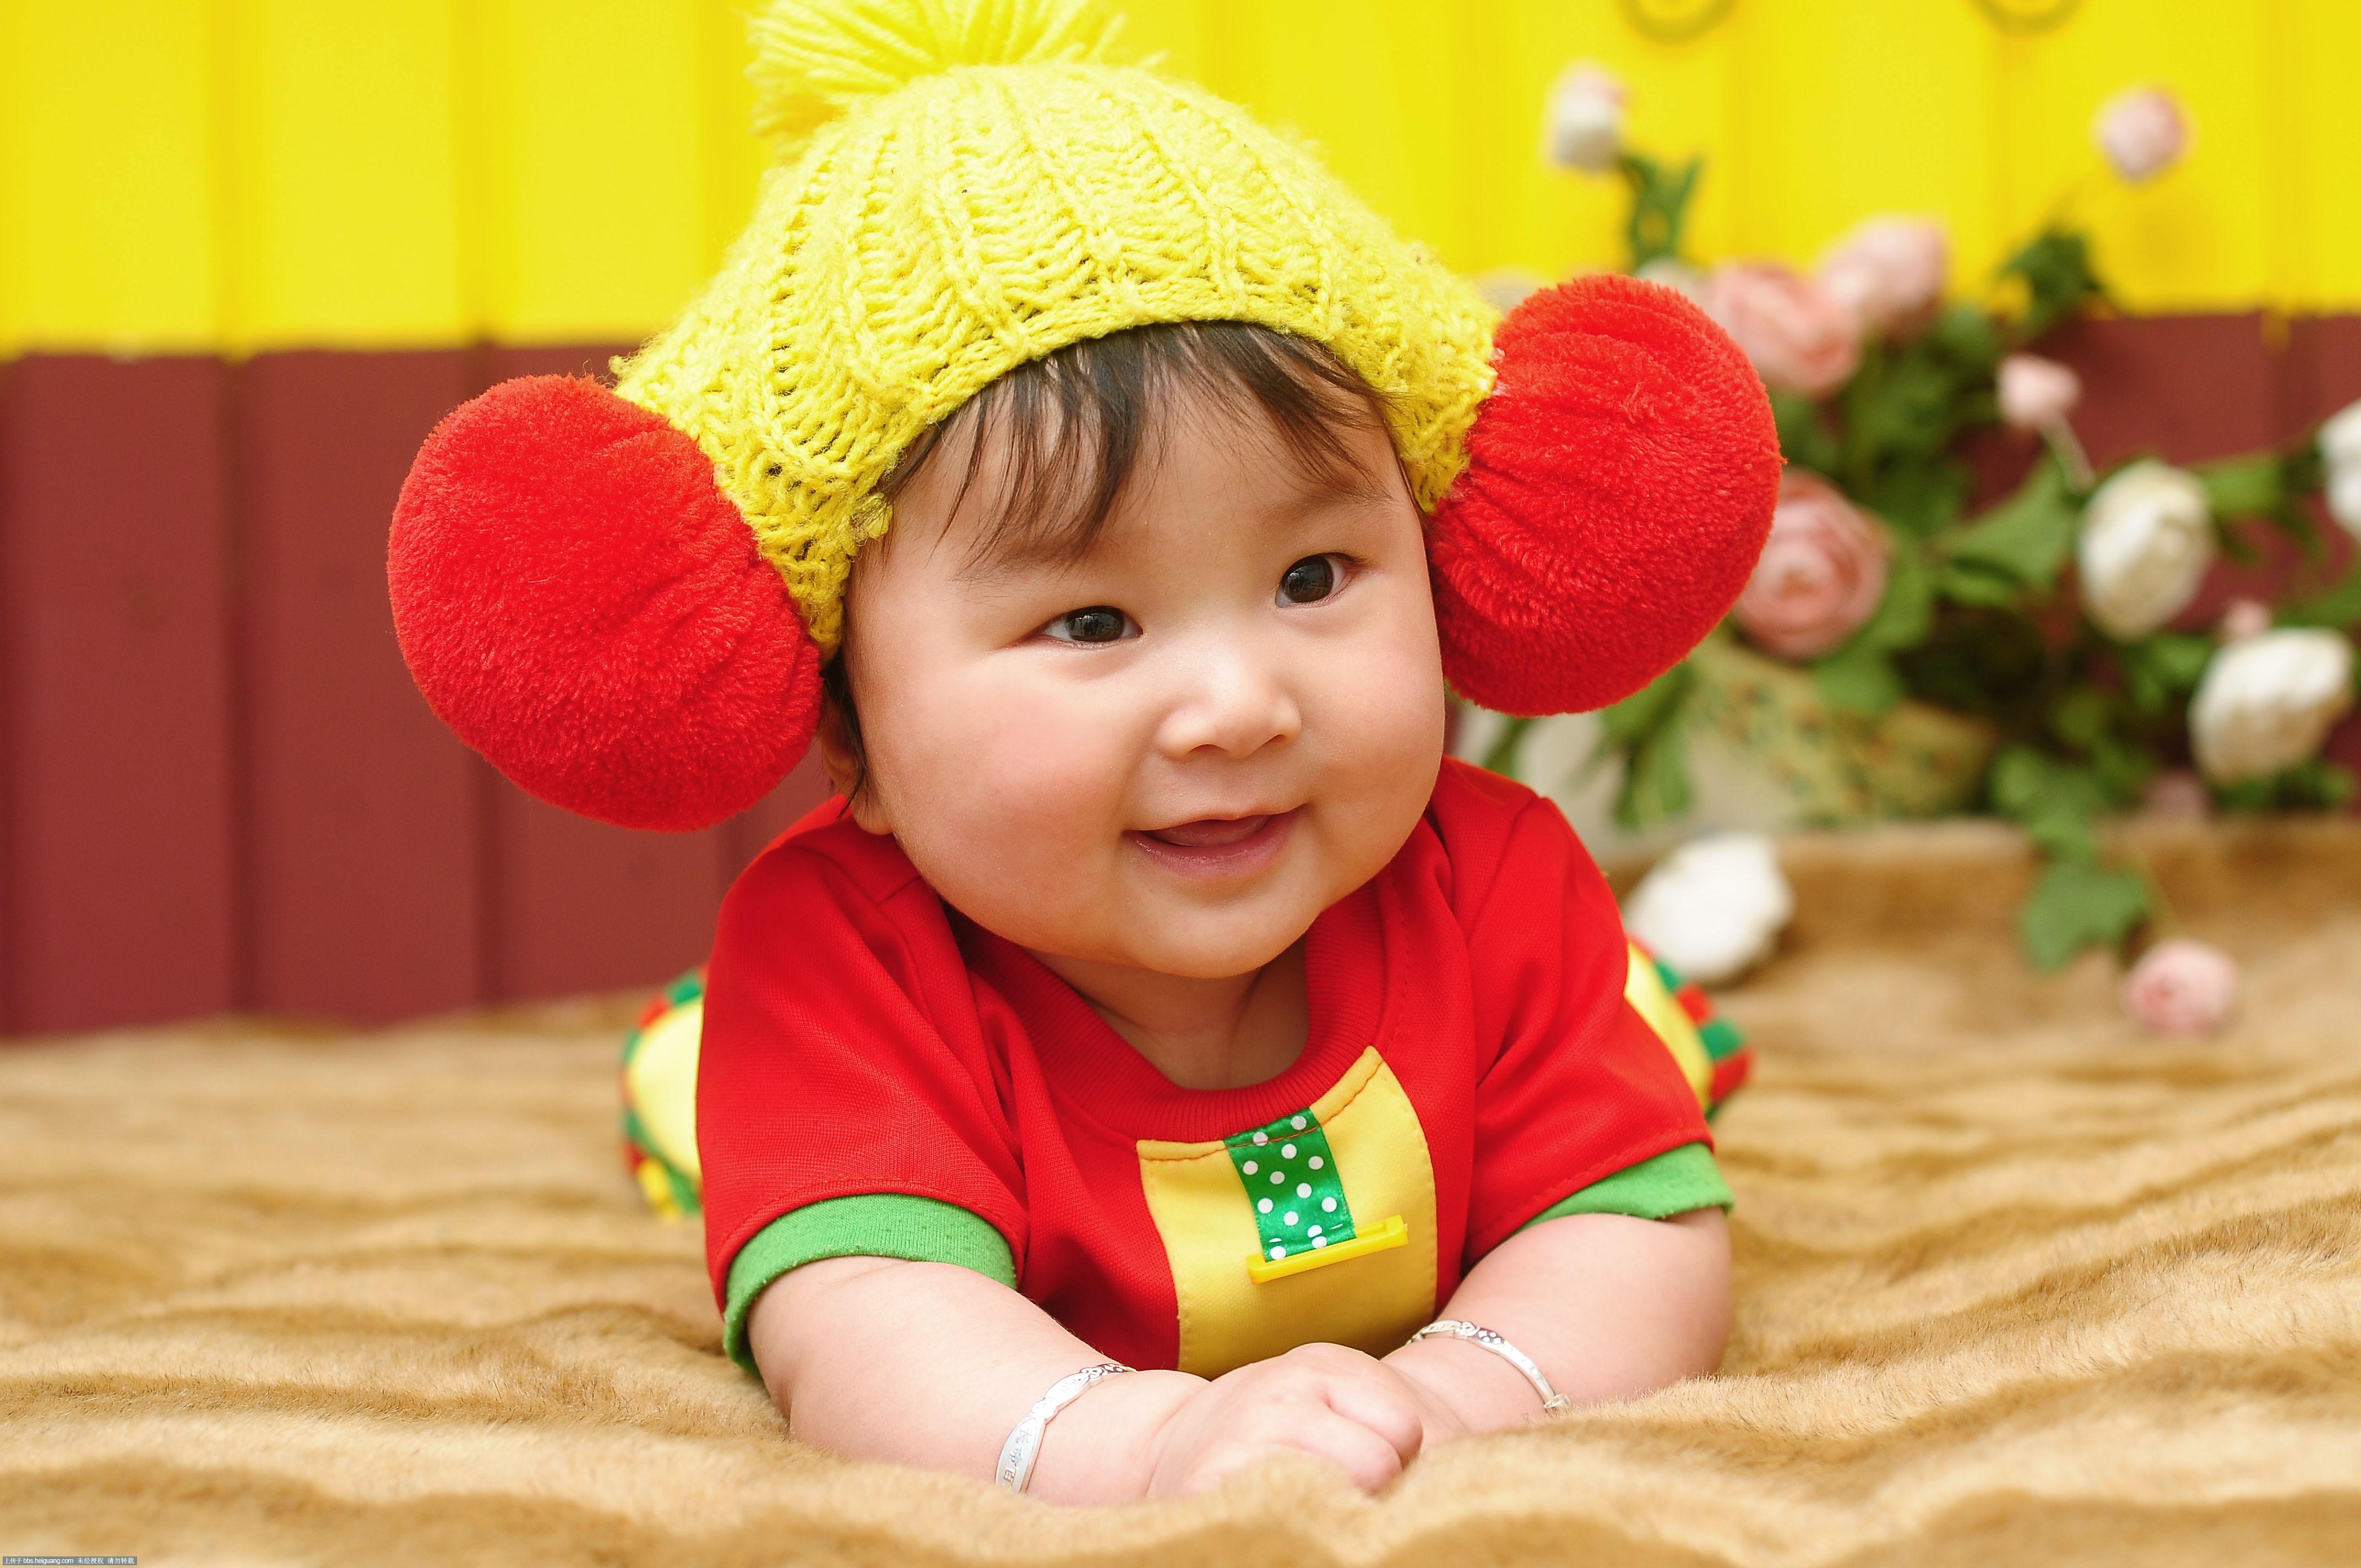 青岛宝宝满月照 可爱宝宝的成长照